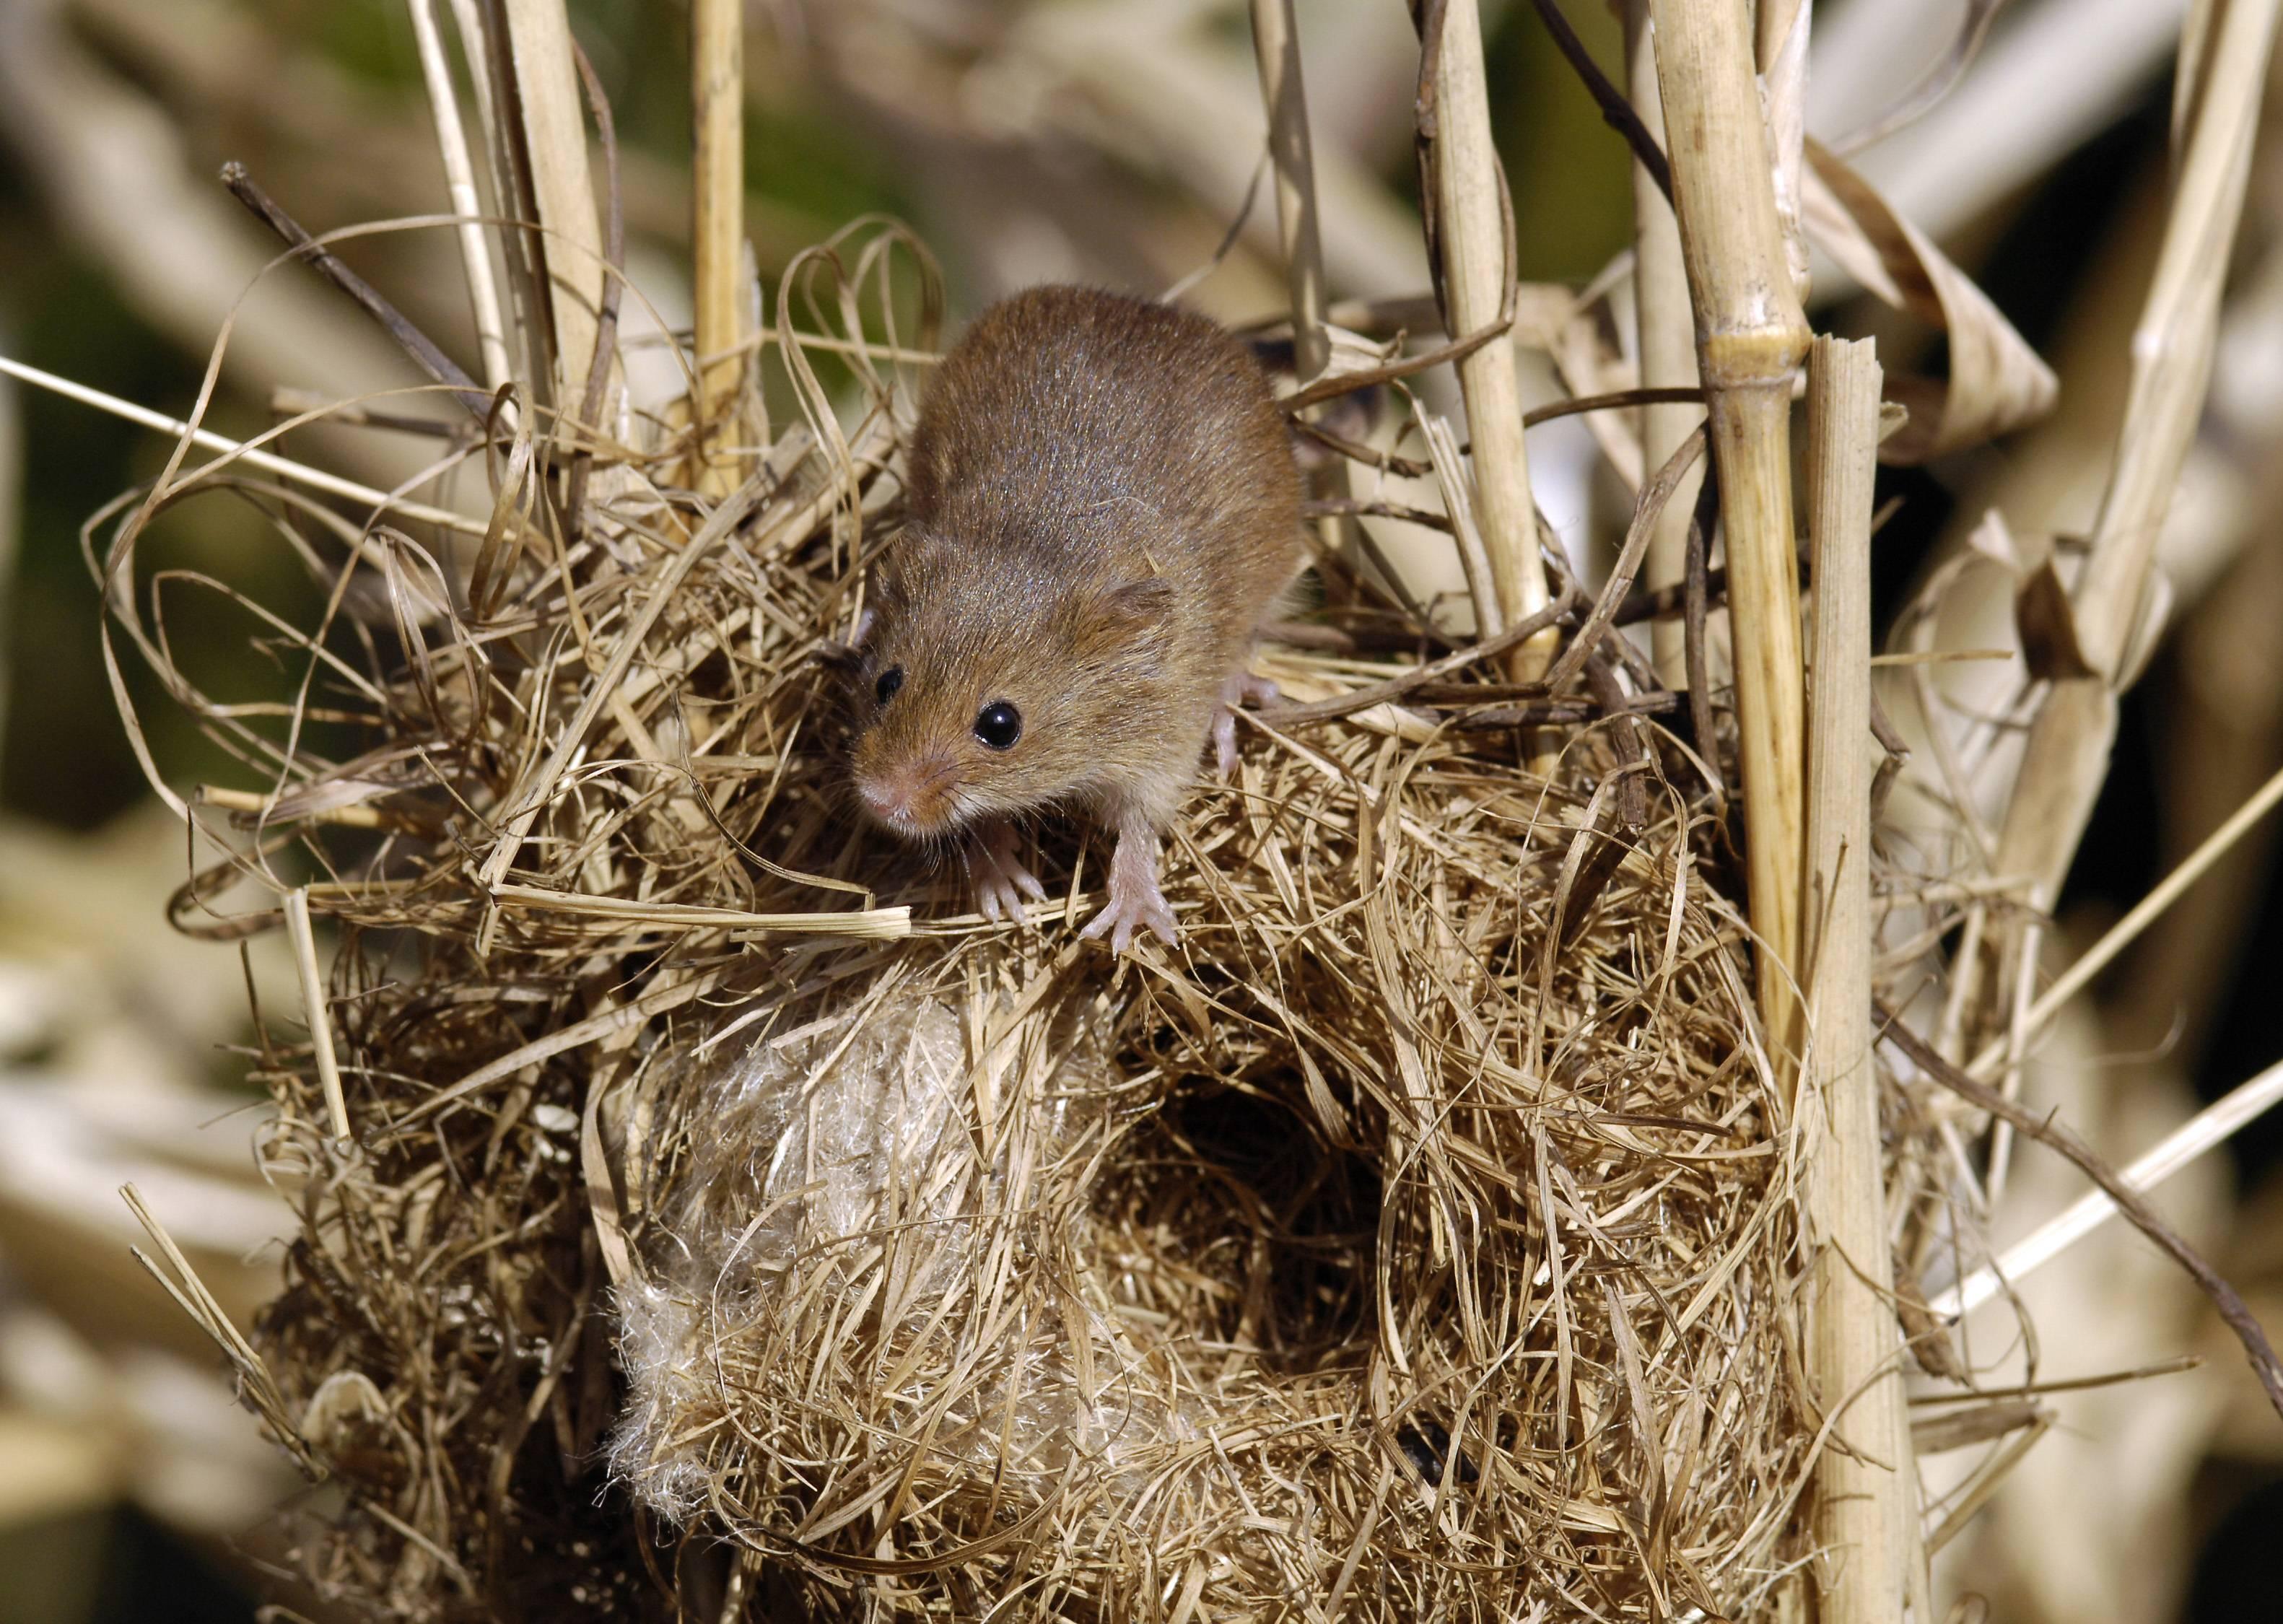 Где живет летающая красавица или среда обитания летучей мыши